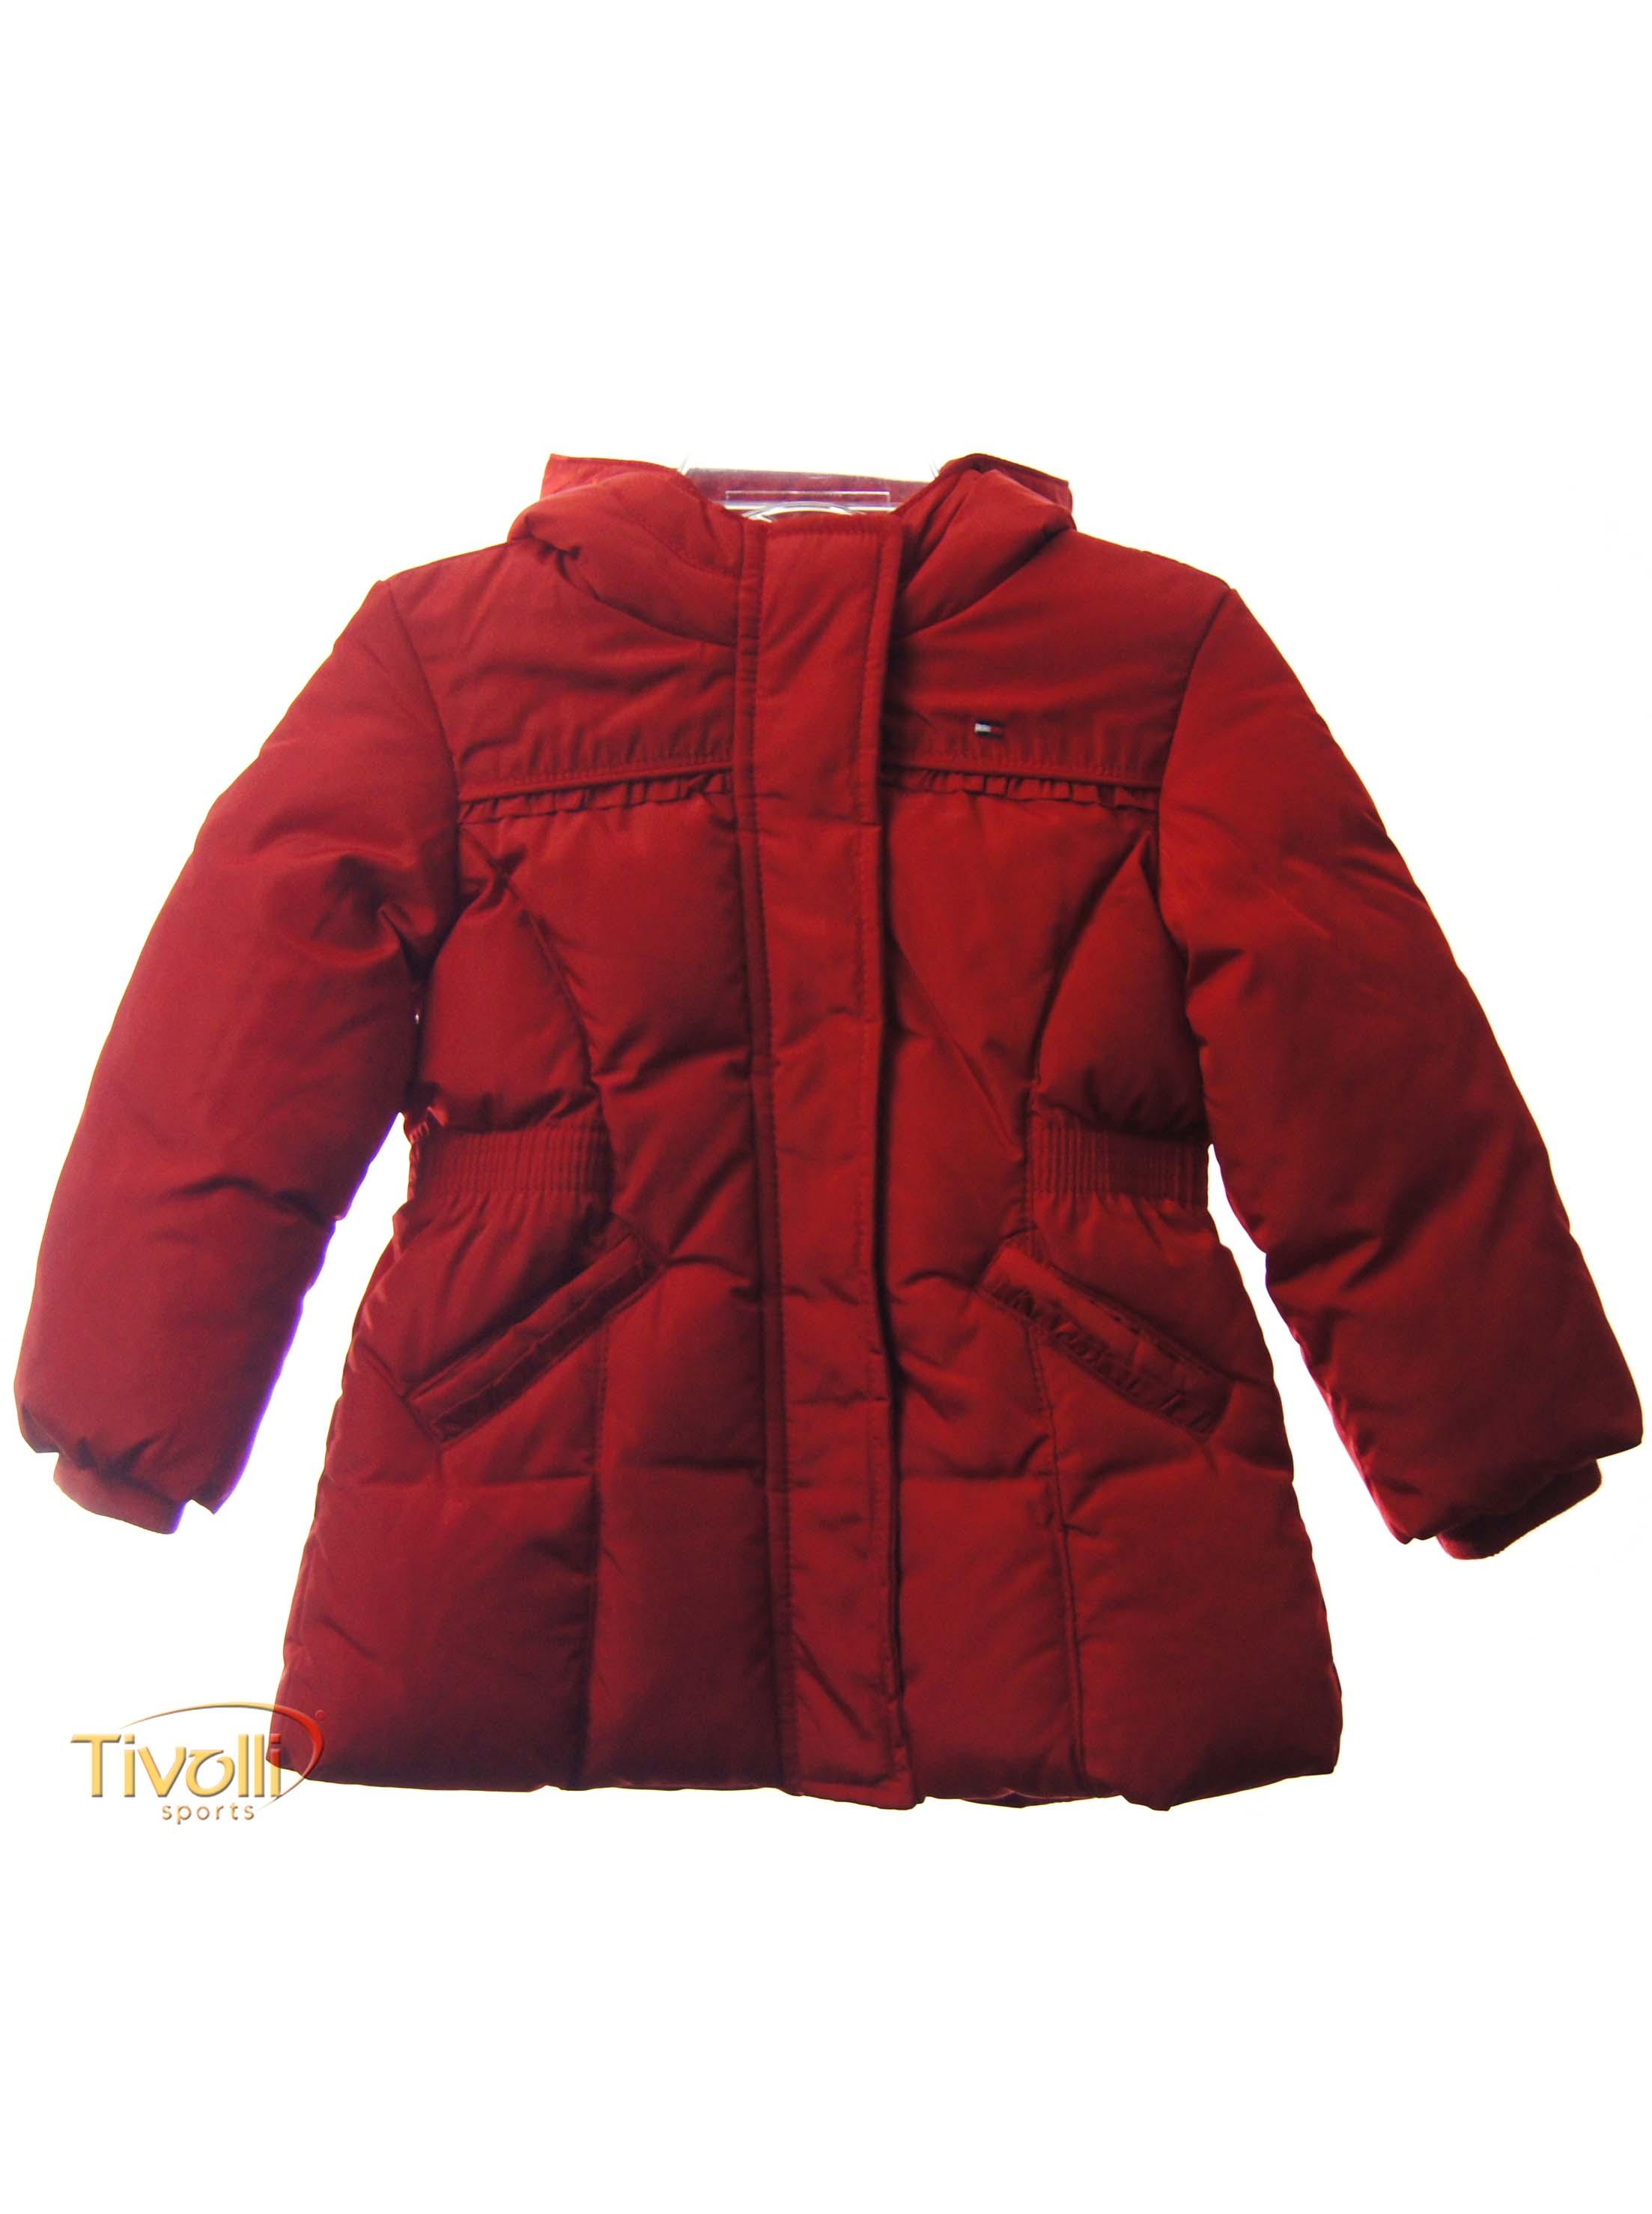 fb0717aa20 Jaqueta Tommy Hilfiger infantil